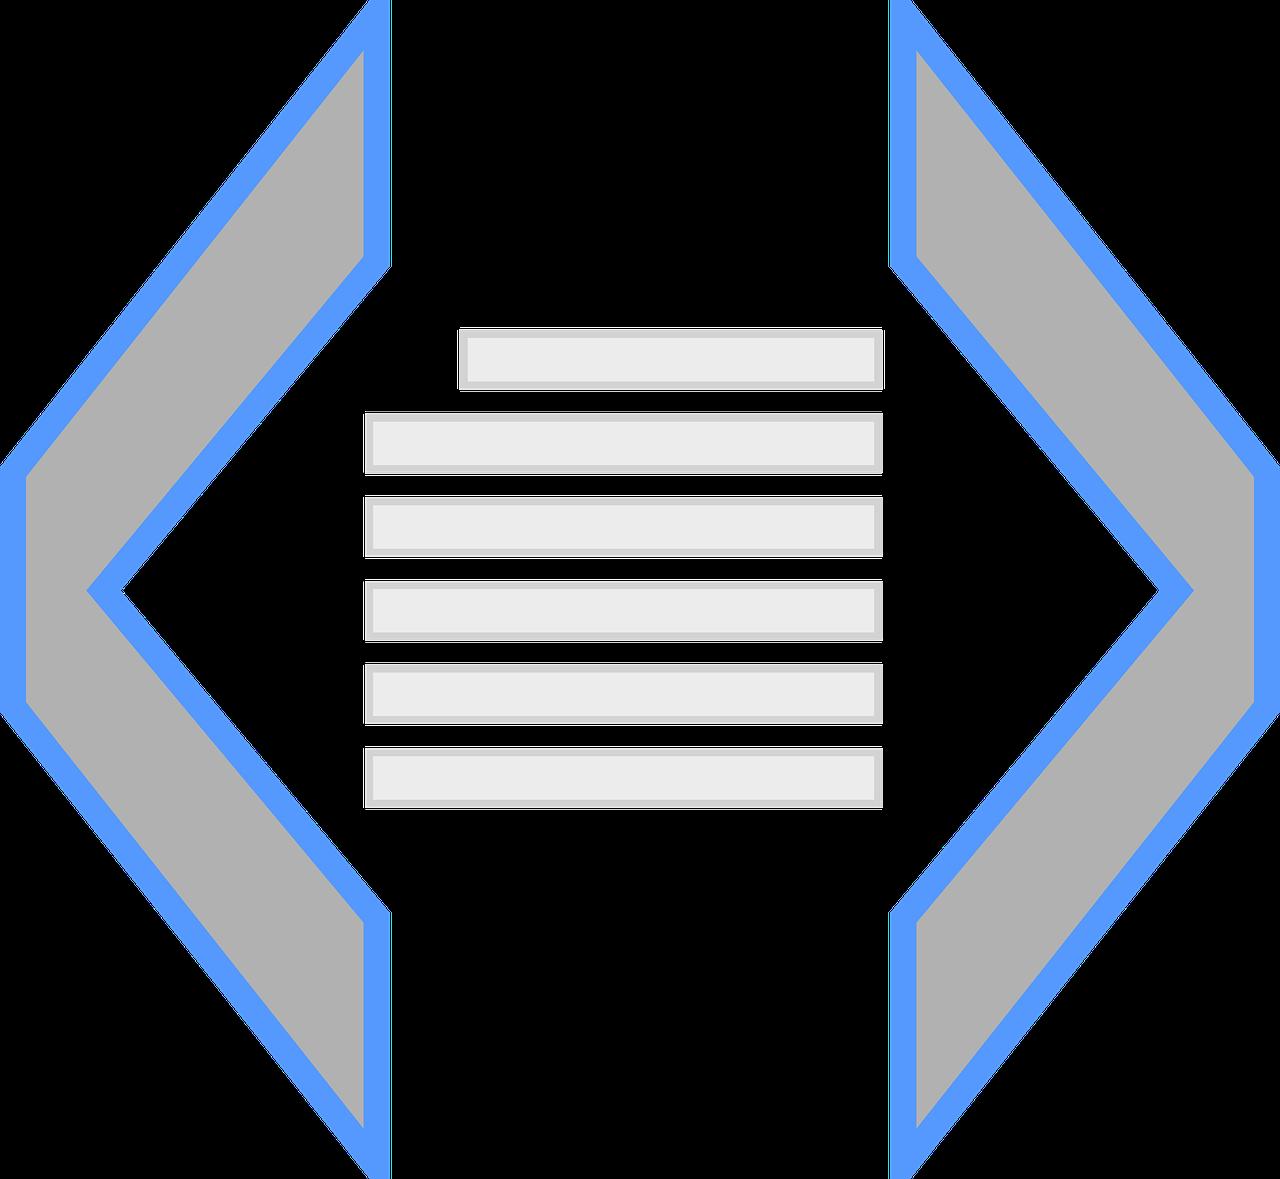 エディター上でHTMLの属性値を全てエスケープする方法